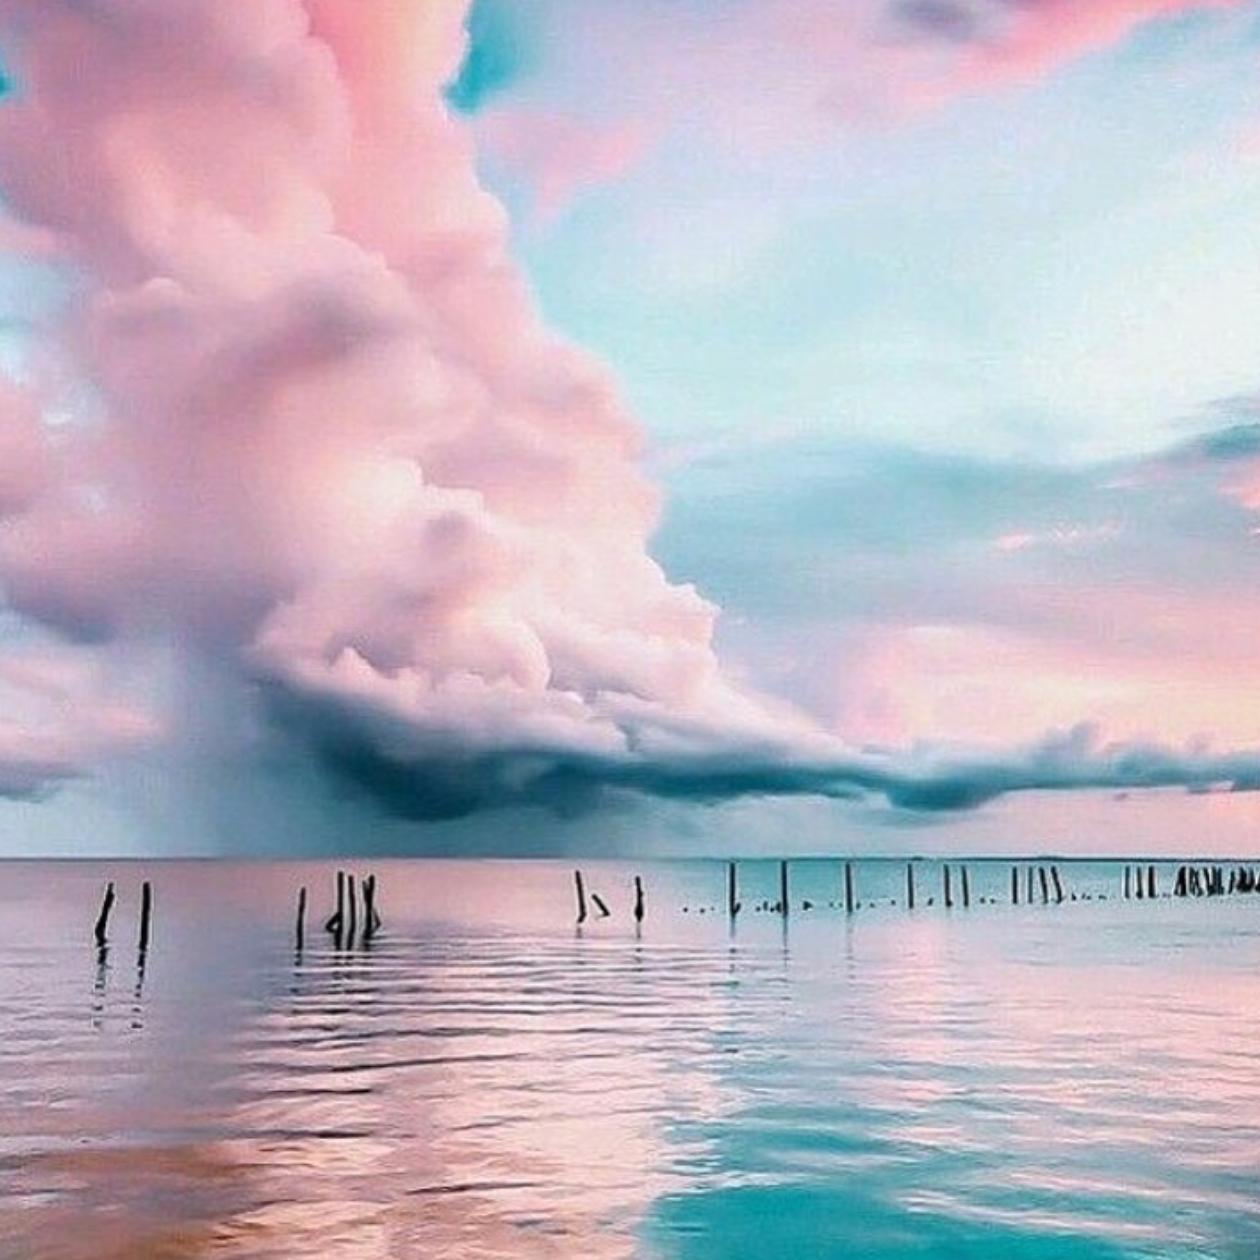 Cotton Candy Clouds Photo Areyouami Pejzazhi Zhivopisnye Pejzazhi Fotografii